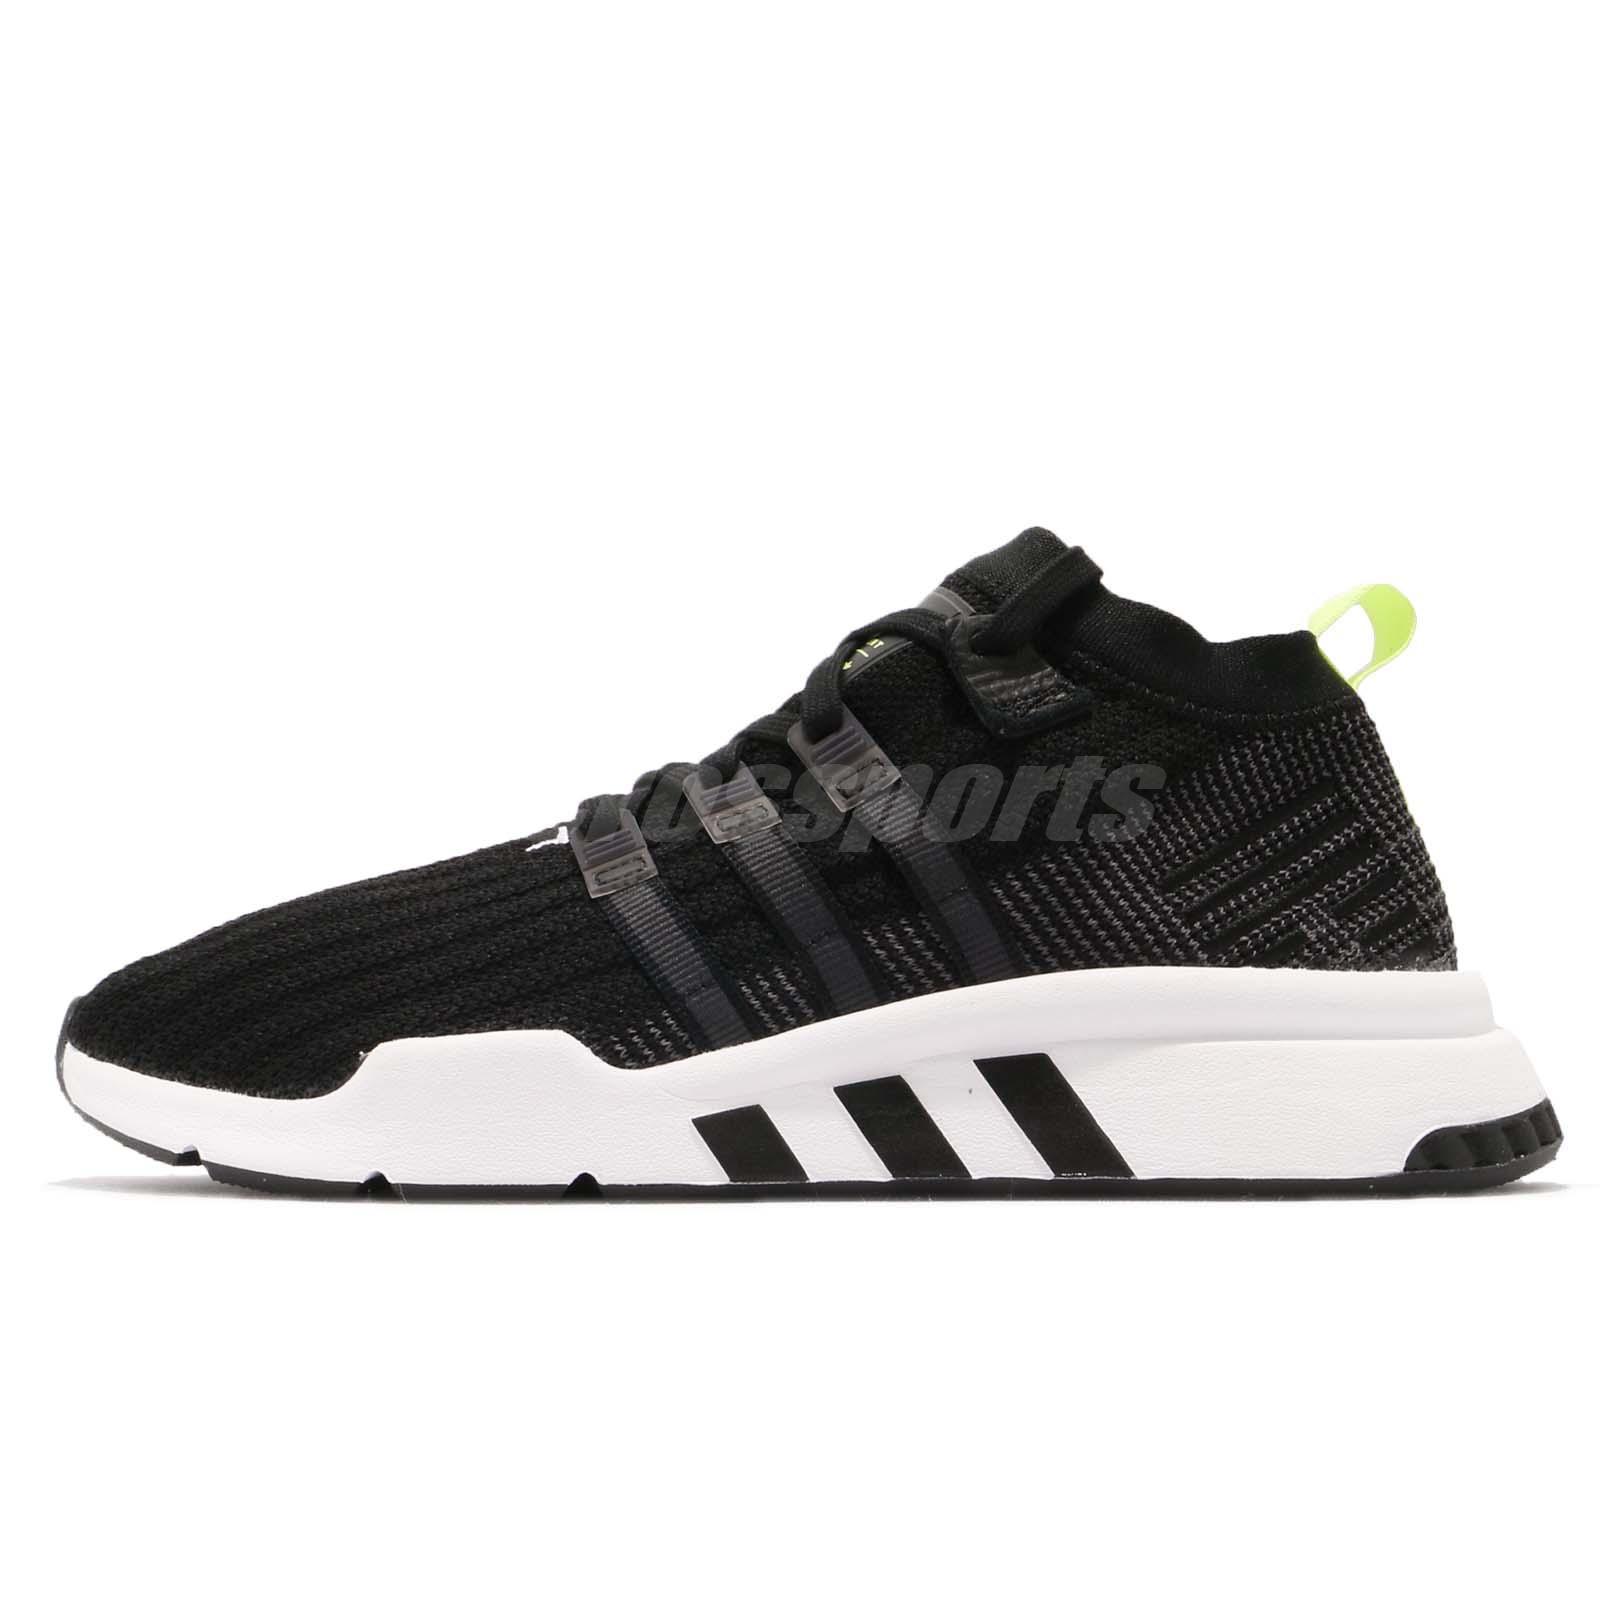 huge discount 67c1a 3d3a1 adidas Originals EQT Support Mid ADV PK Primeknit Black White Men Shoes  B37435